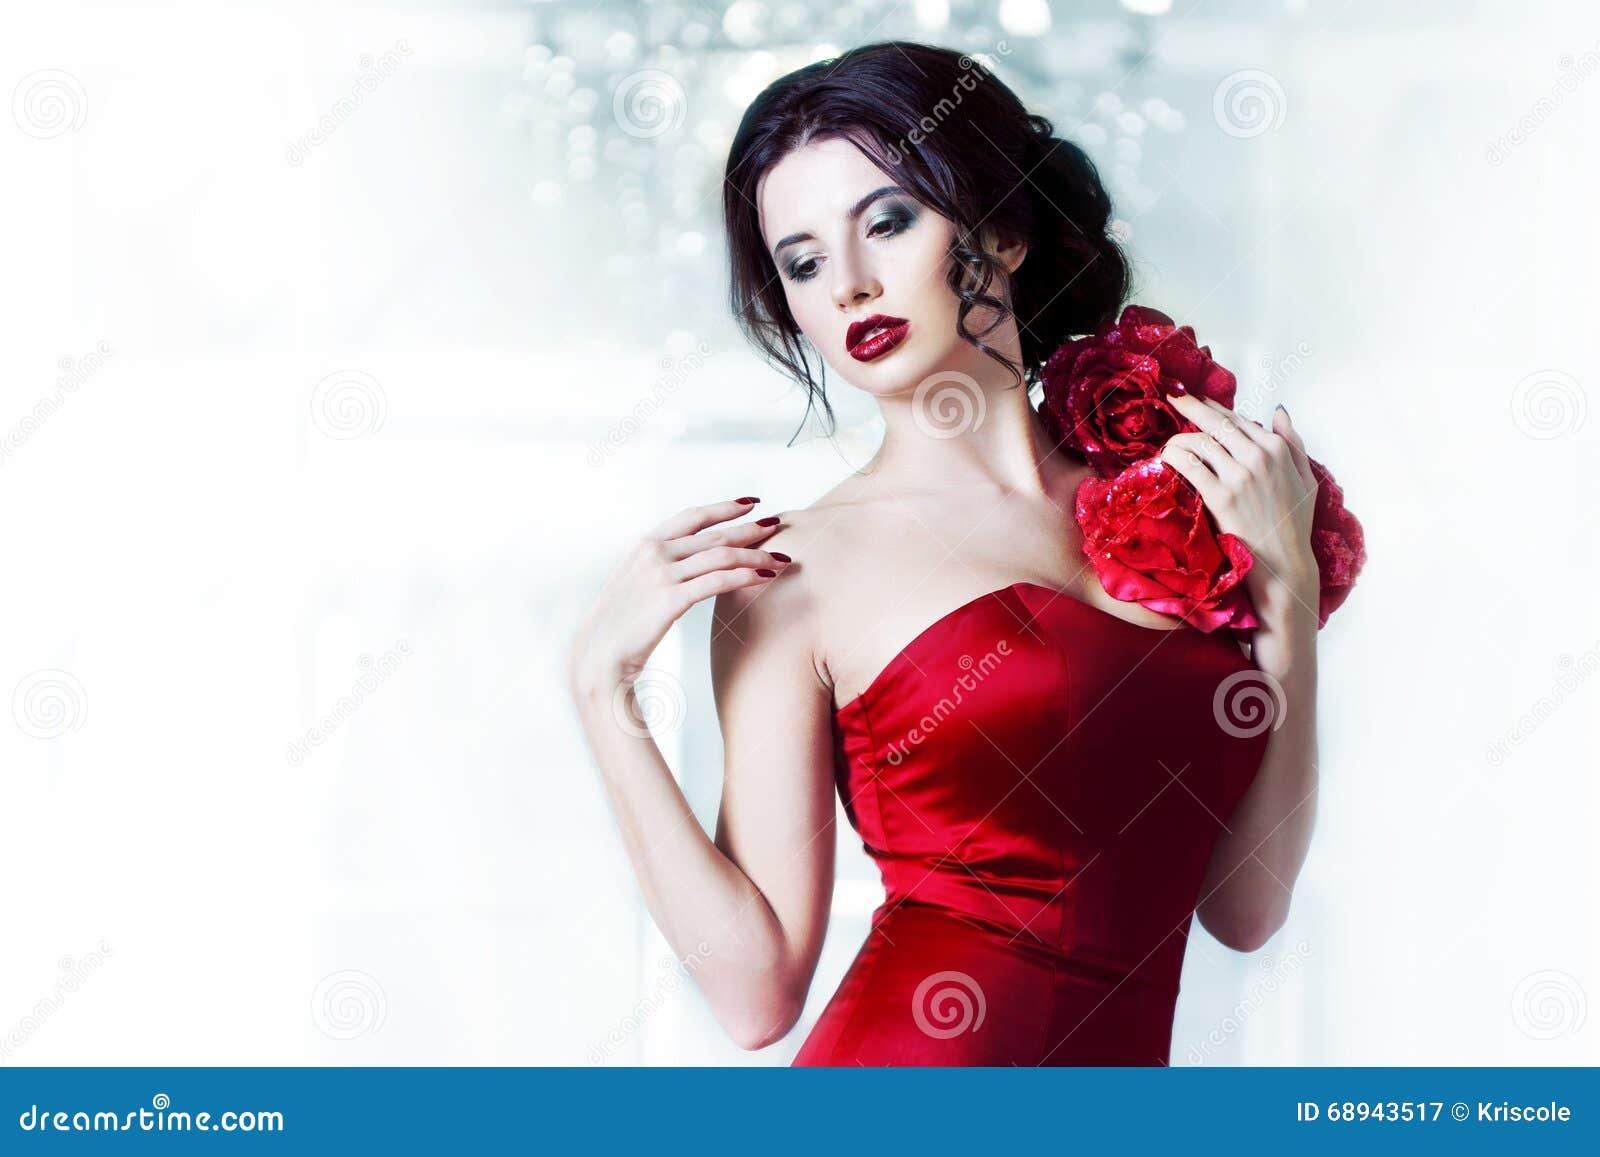 Kvinna för skönhetbrunettmodell i röd klänning för afton Makeup och frisyr för härligt mode lyxig, på bakgrunden av